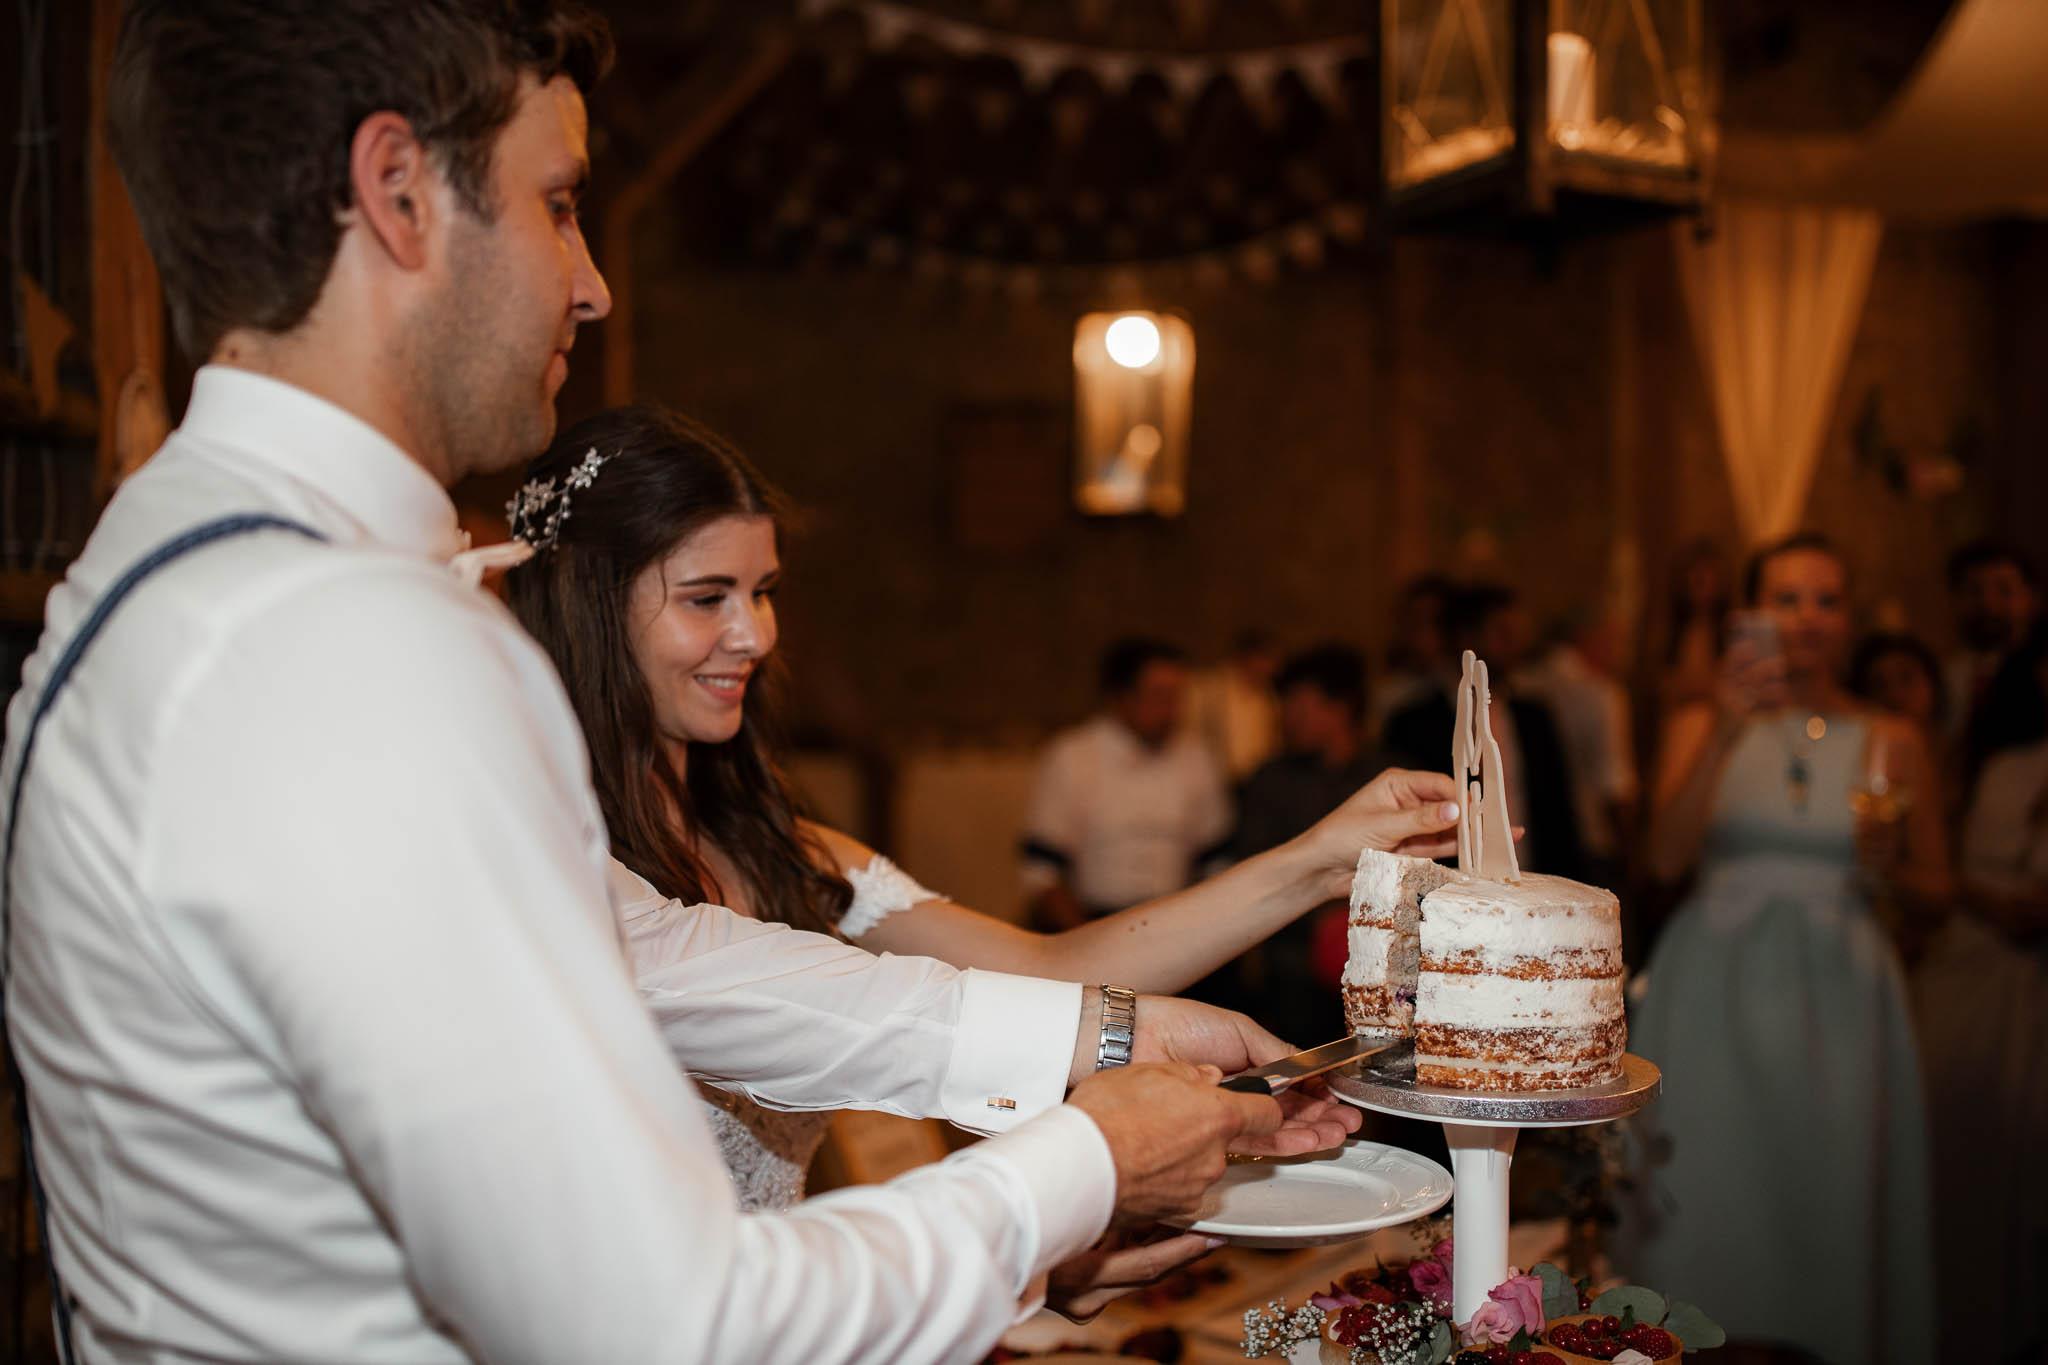 Als Hochzeitsfotograf im Weingewölbe San Martin in Bermersheim 58